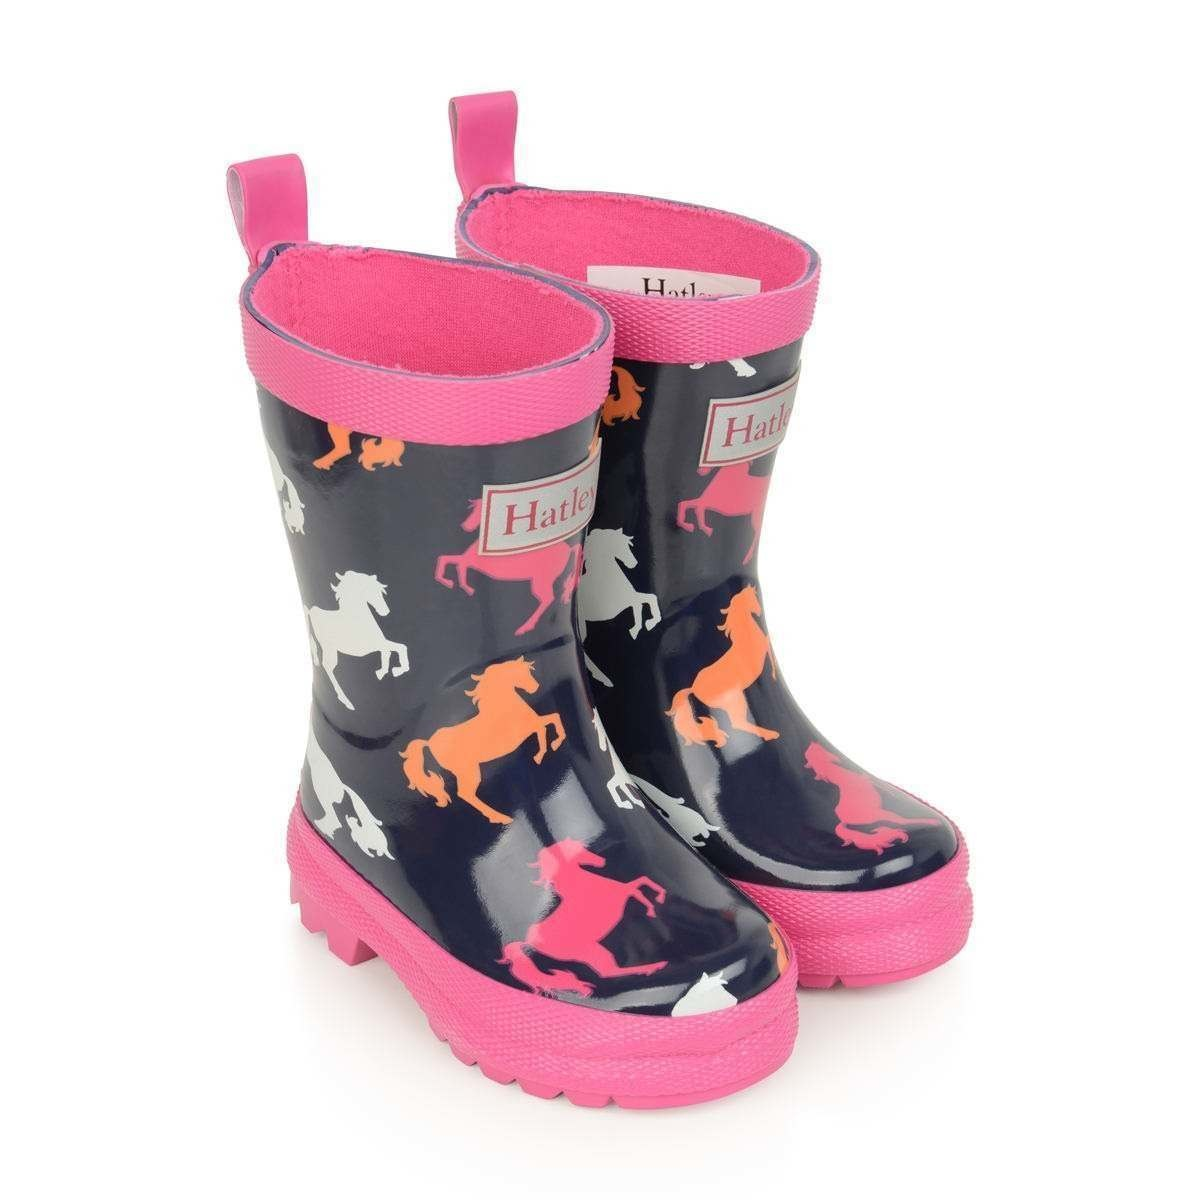 Hatley Hatley Playful Horses Shiny Rain Boots